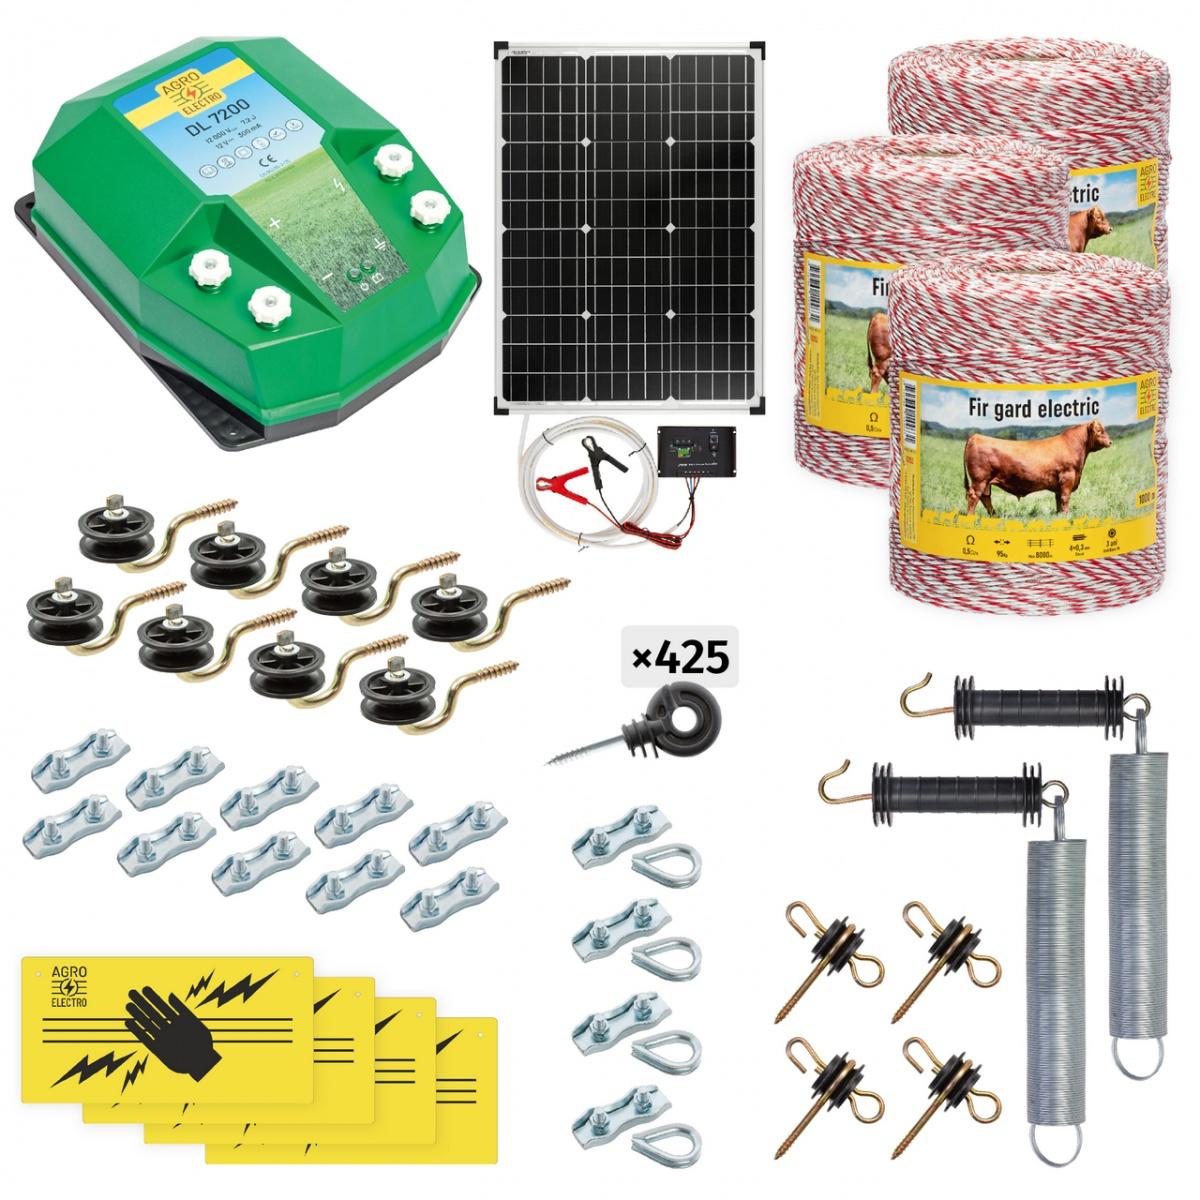 Teljes villanypásztor csomag háziállatoknak, 3000m, 7,2Joule, napelemes rendszerrel